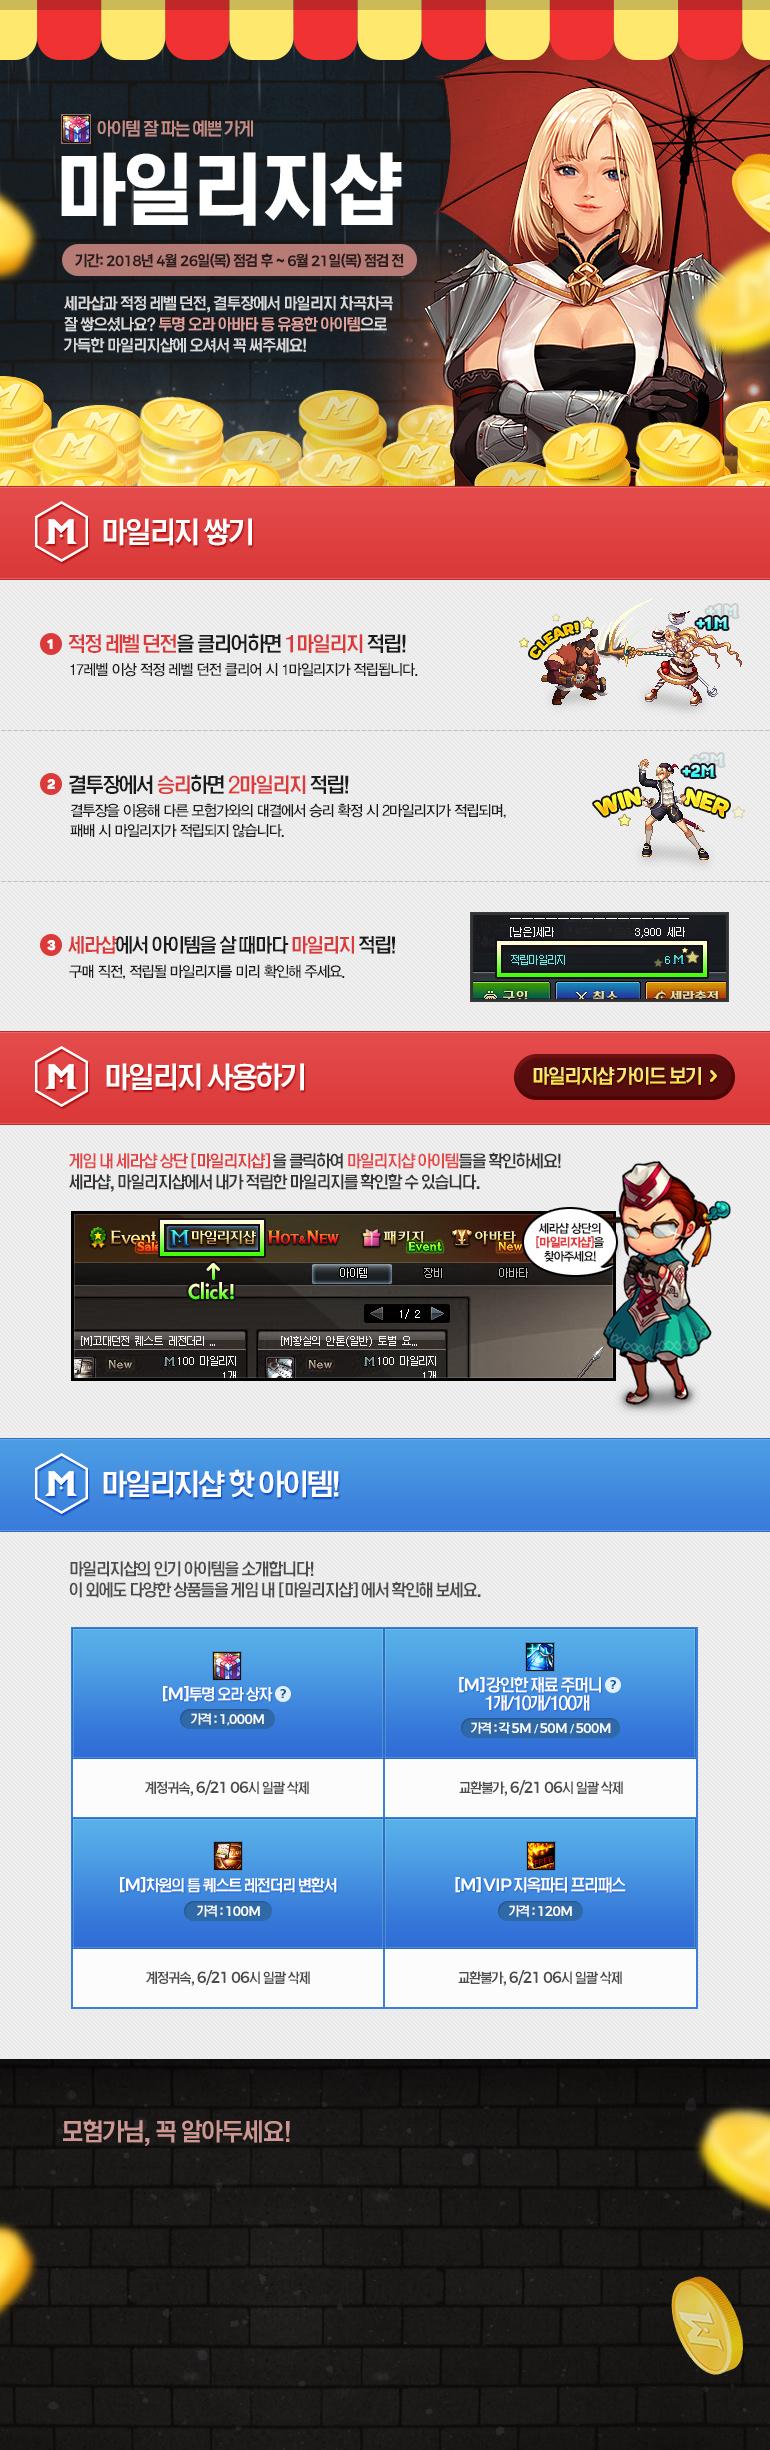 마일리지샵 이벤트 기간: 2018년 4월 26일(월) 점검 후 ~ 6월 21일(목) 점검 전